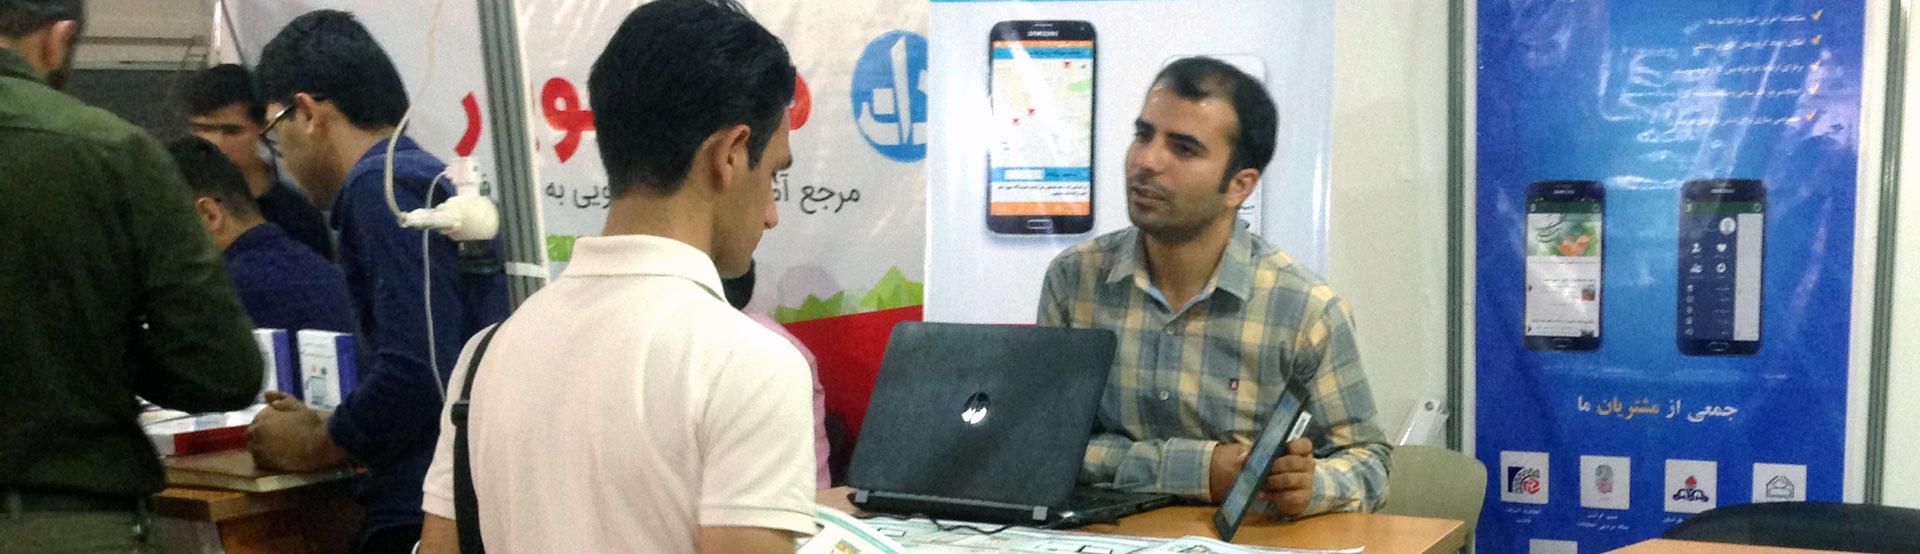 حضور شرکت توسعه وب پویاسازان در نمایشگاه ایران الکامپ 2017 بعنوان نماینده مرکز رشد واحدهای فناور طبس